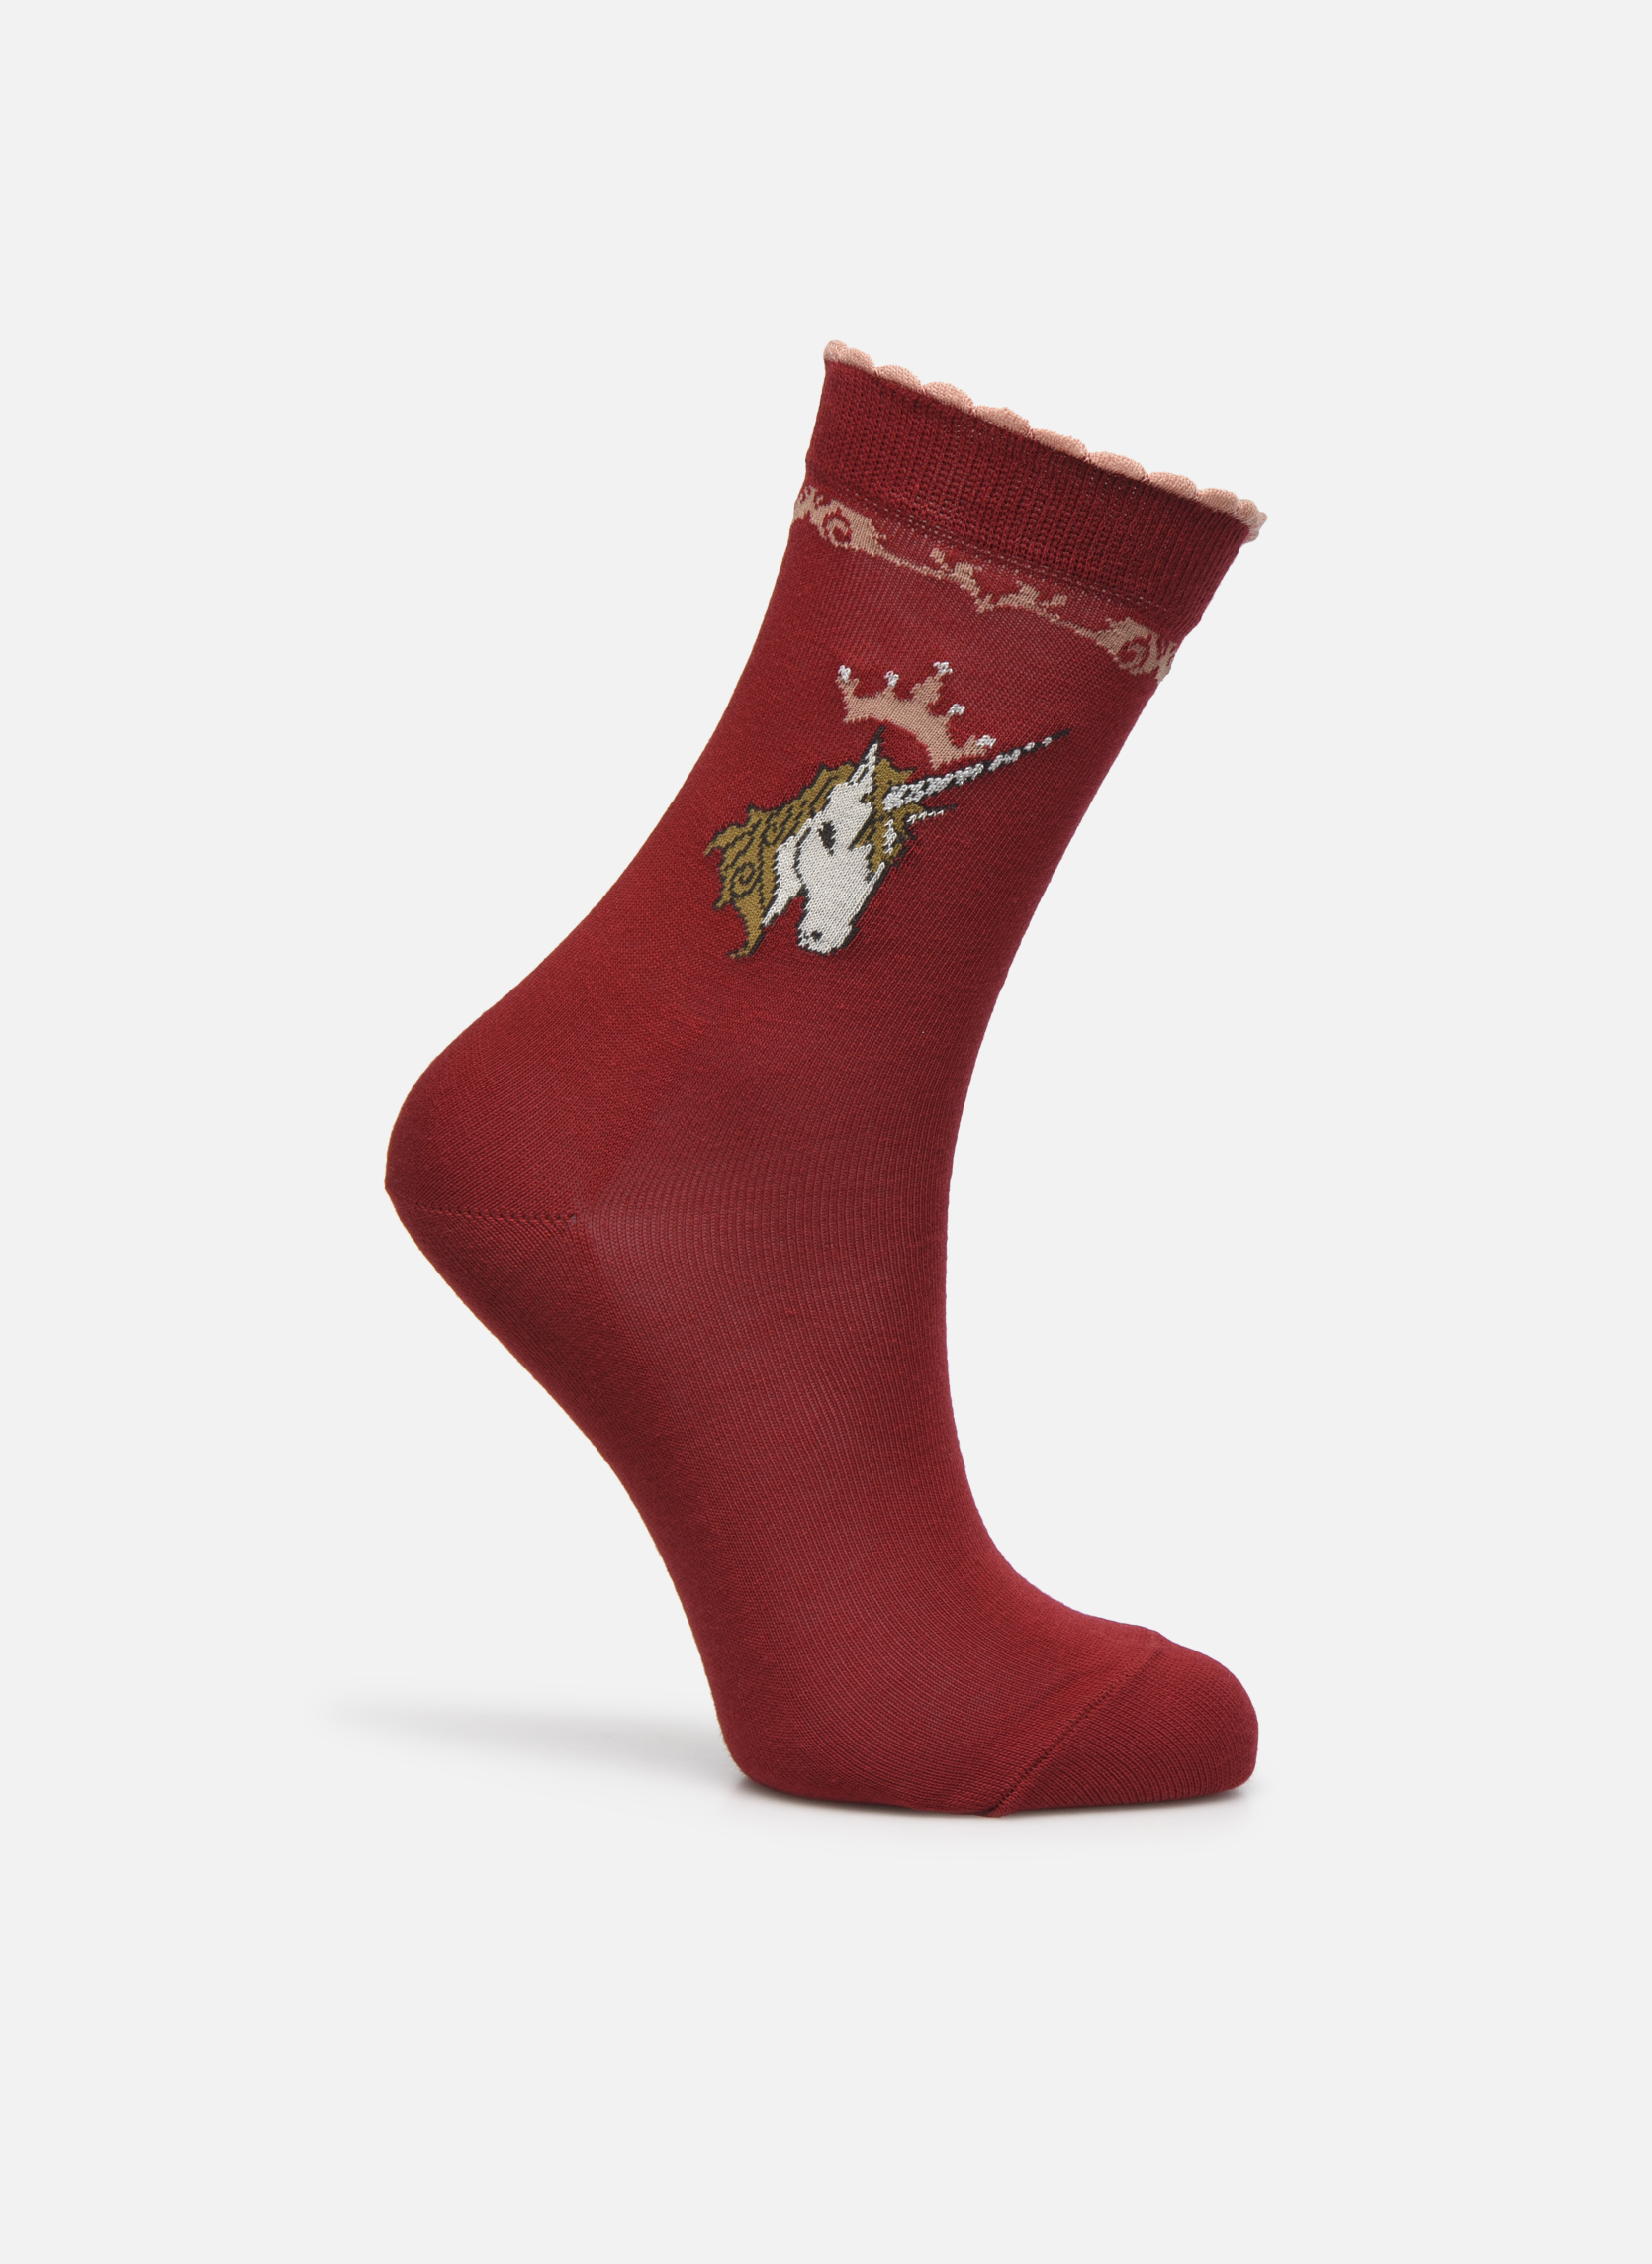 Chaussettes Unicorn 8430